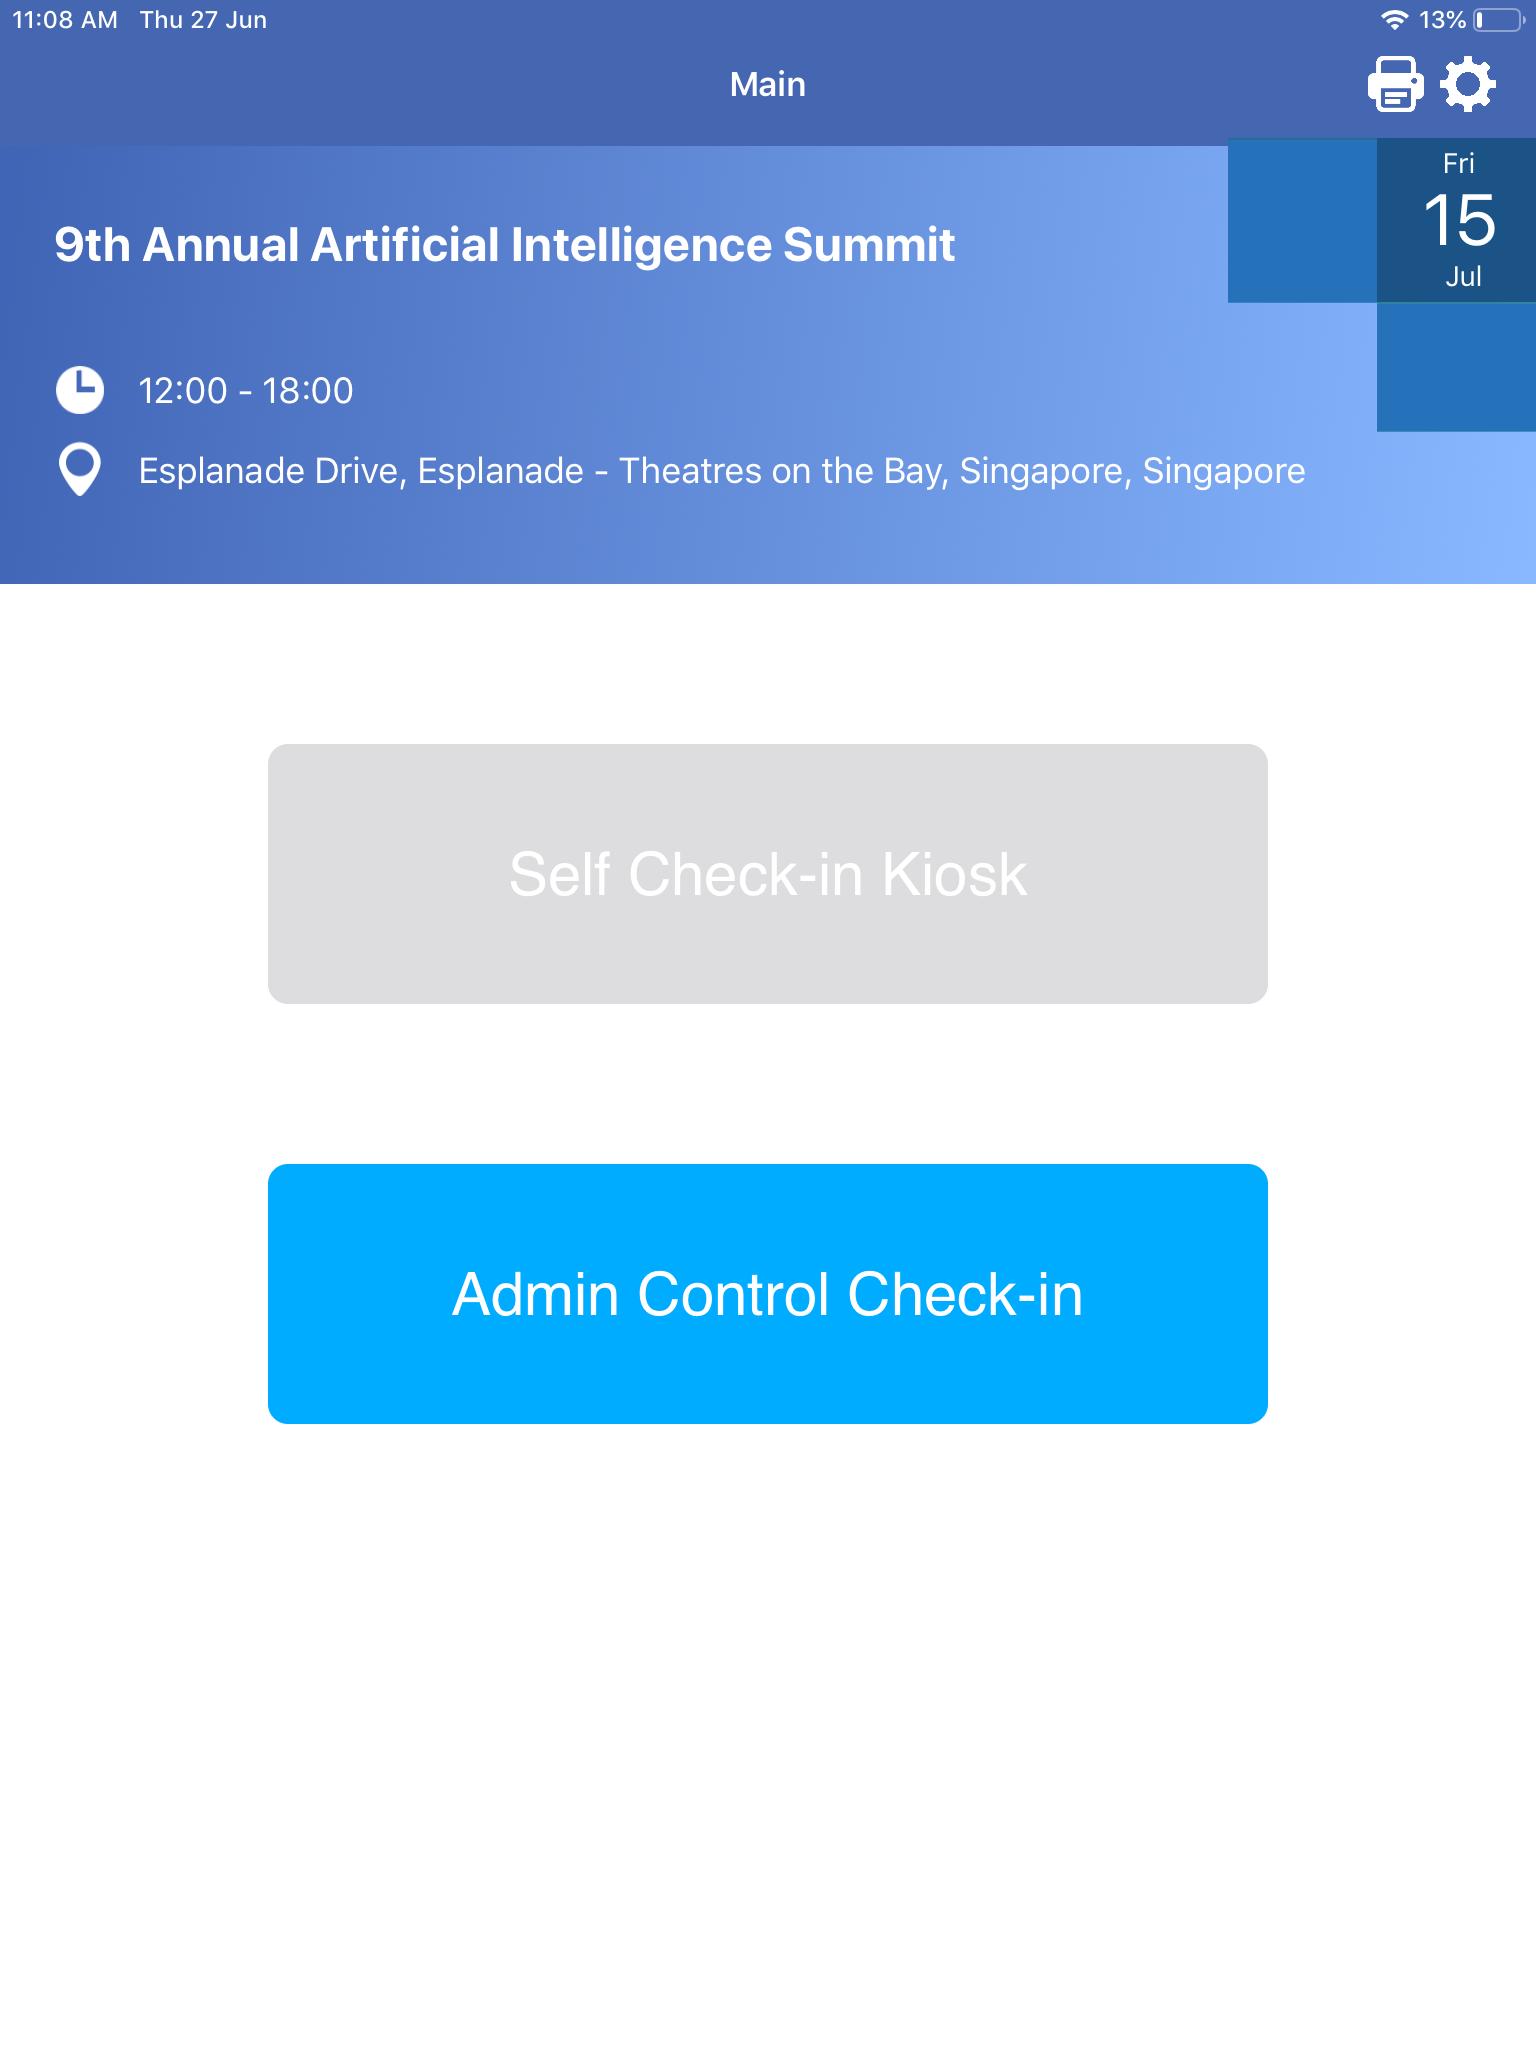 Admin Control Check-in